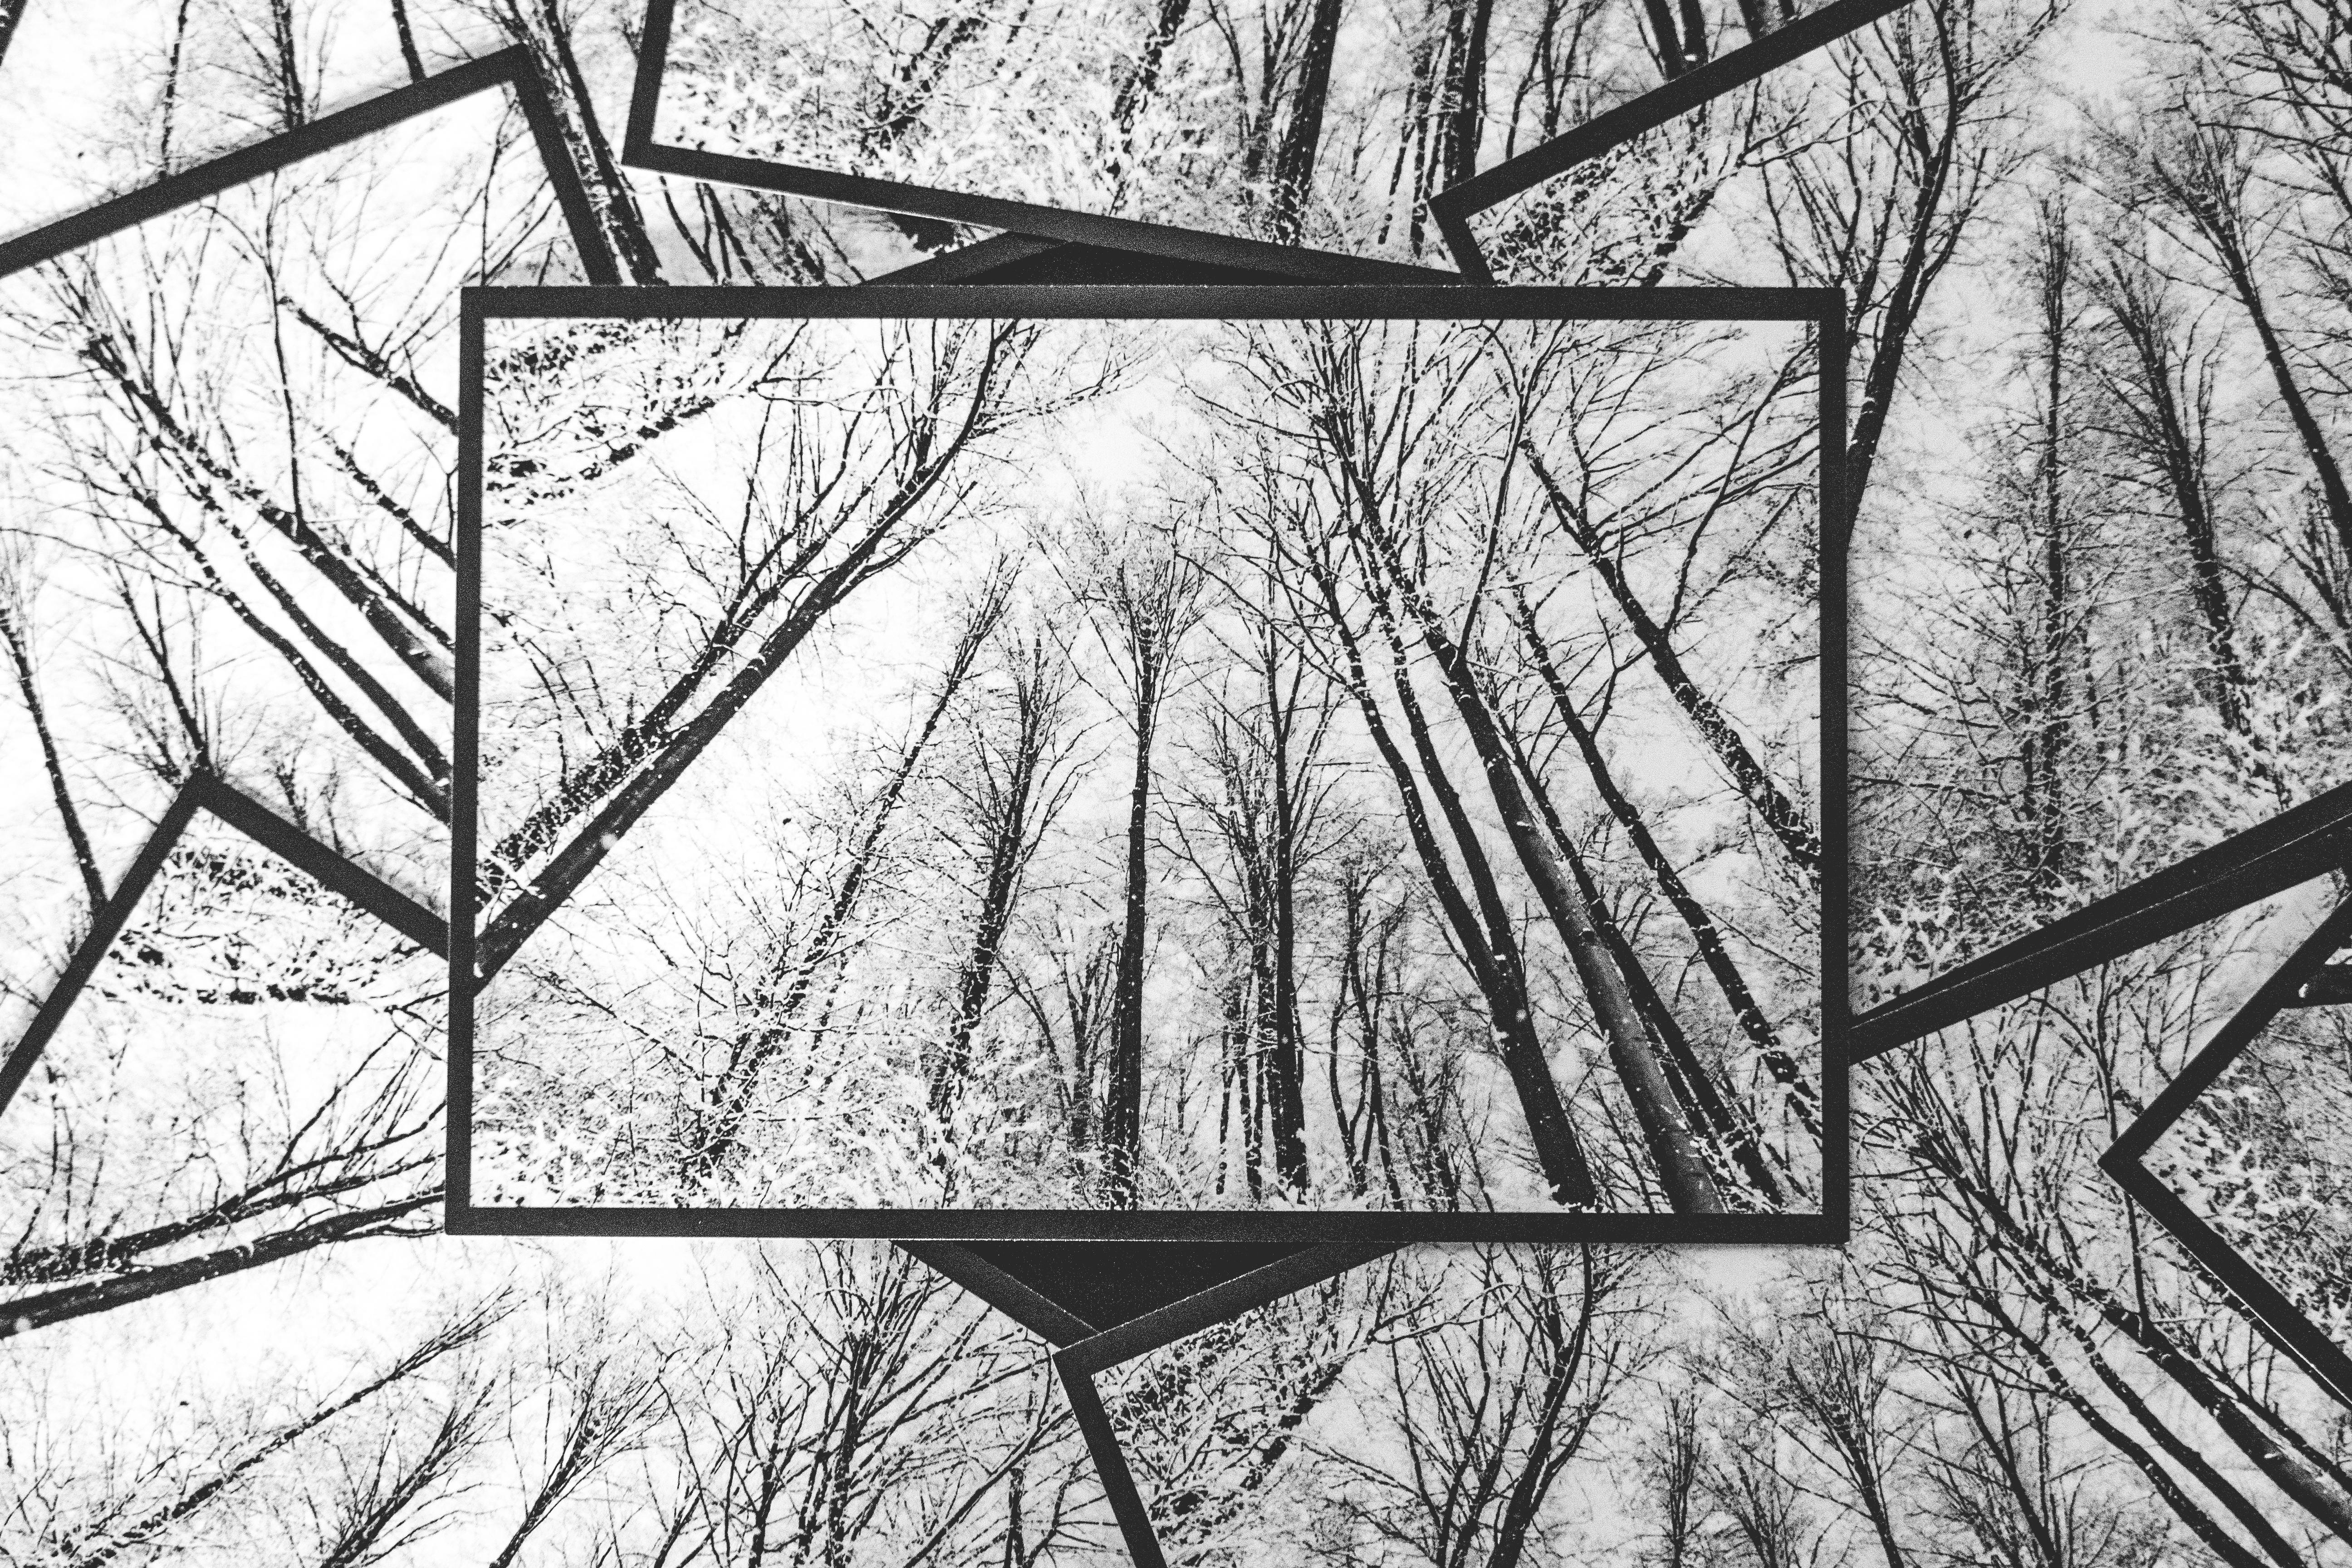 Ansichtskarte Winterwald-Motiv